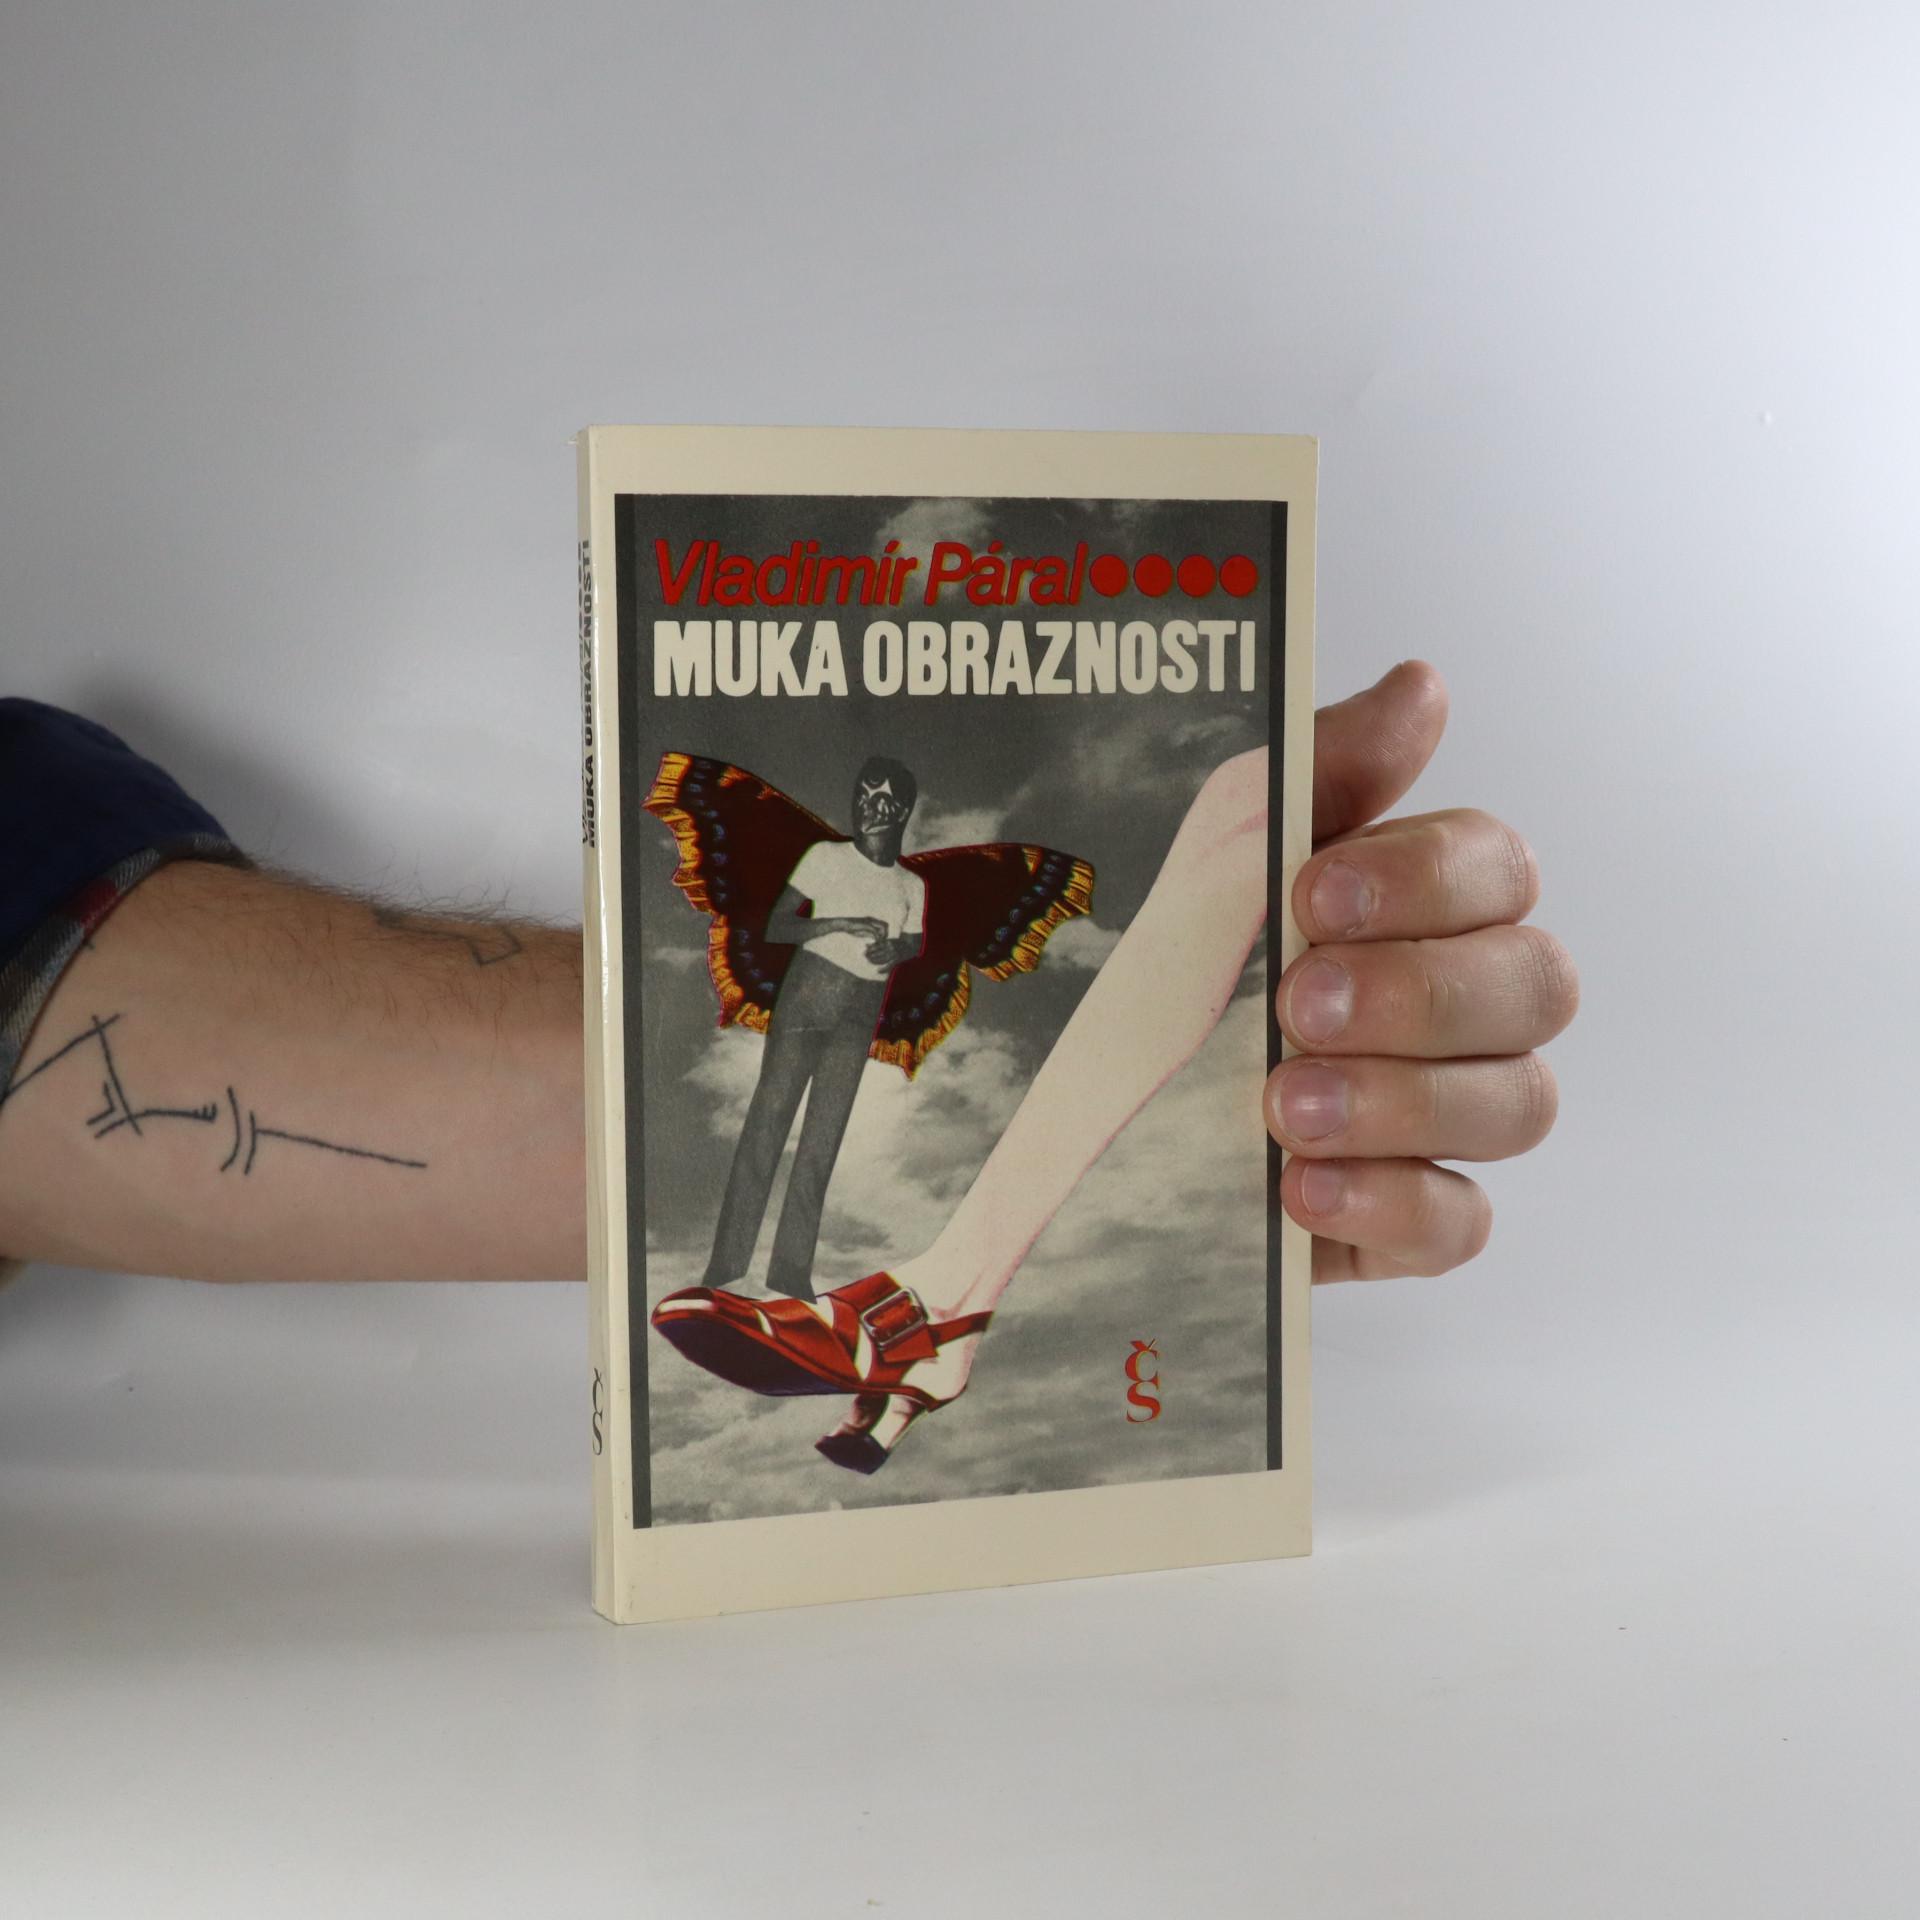 antikvární kniha Muka obraznosti, 1986